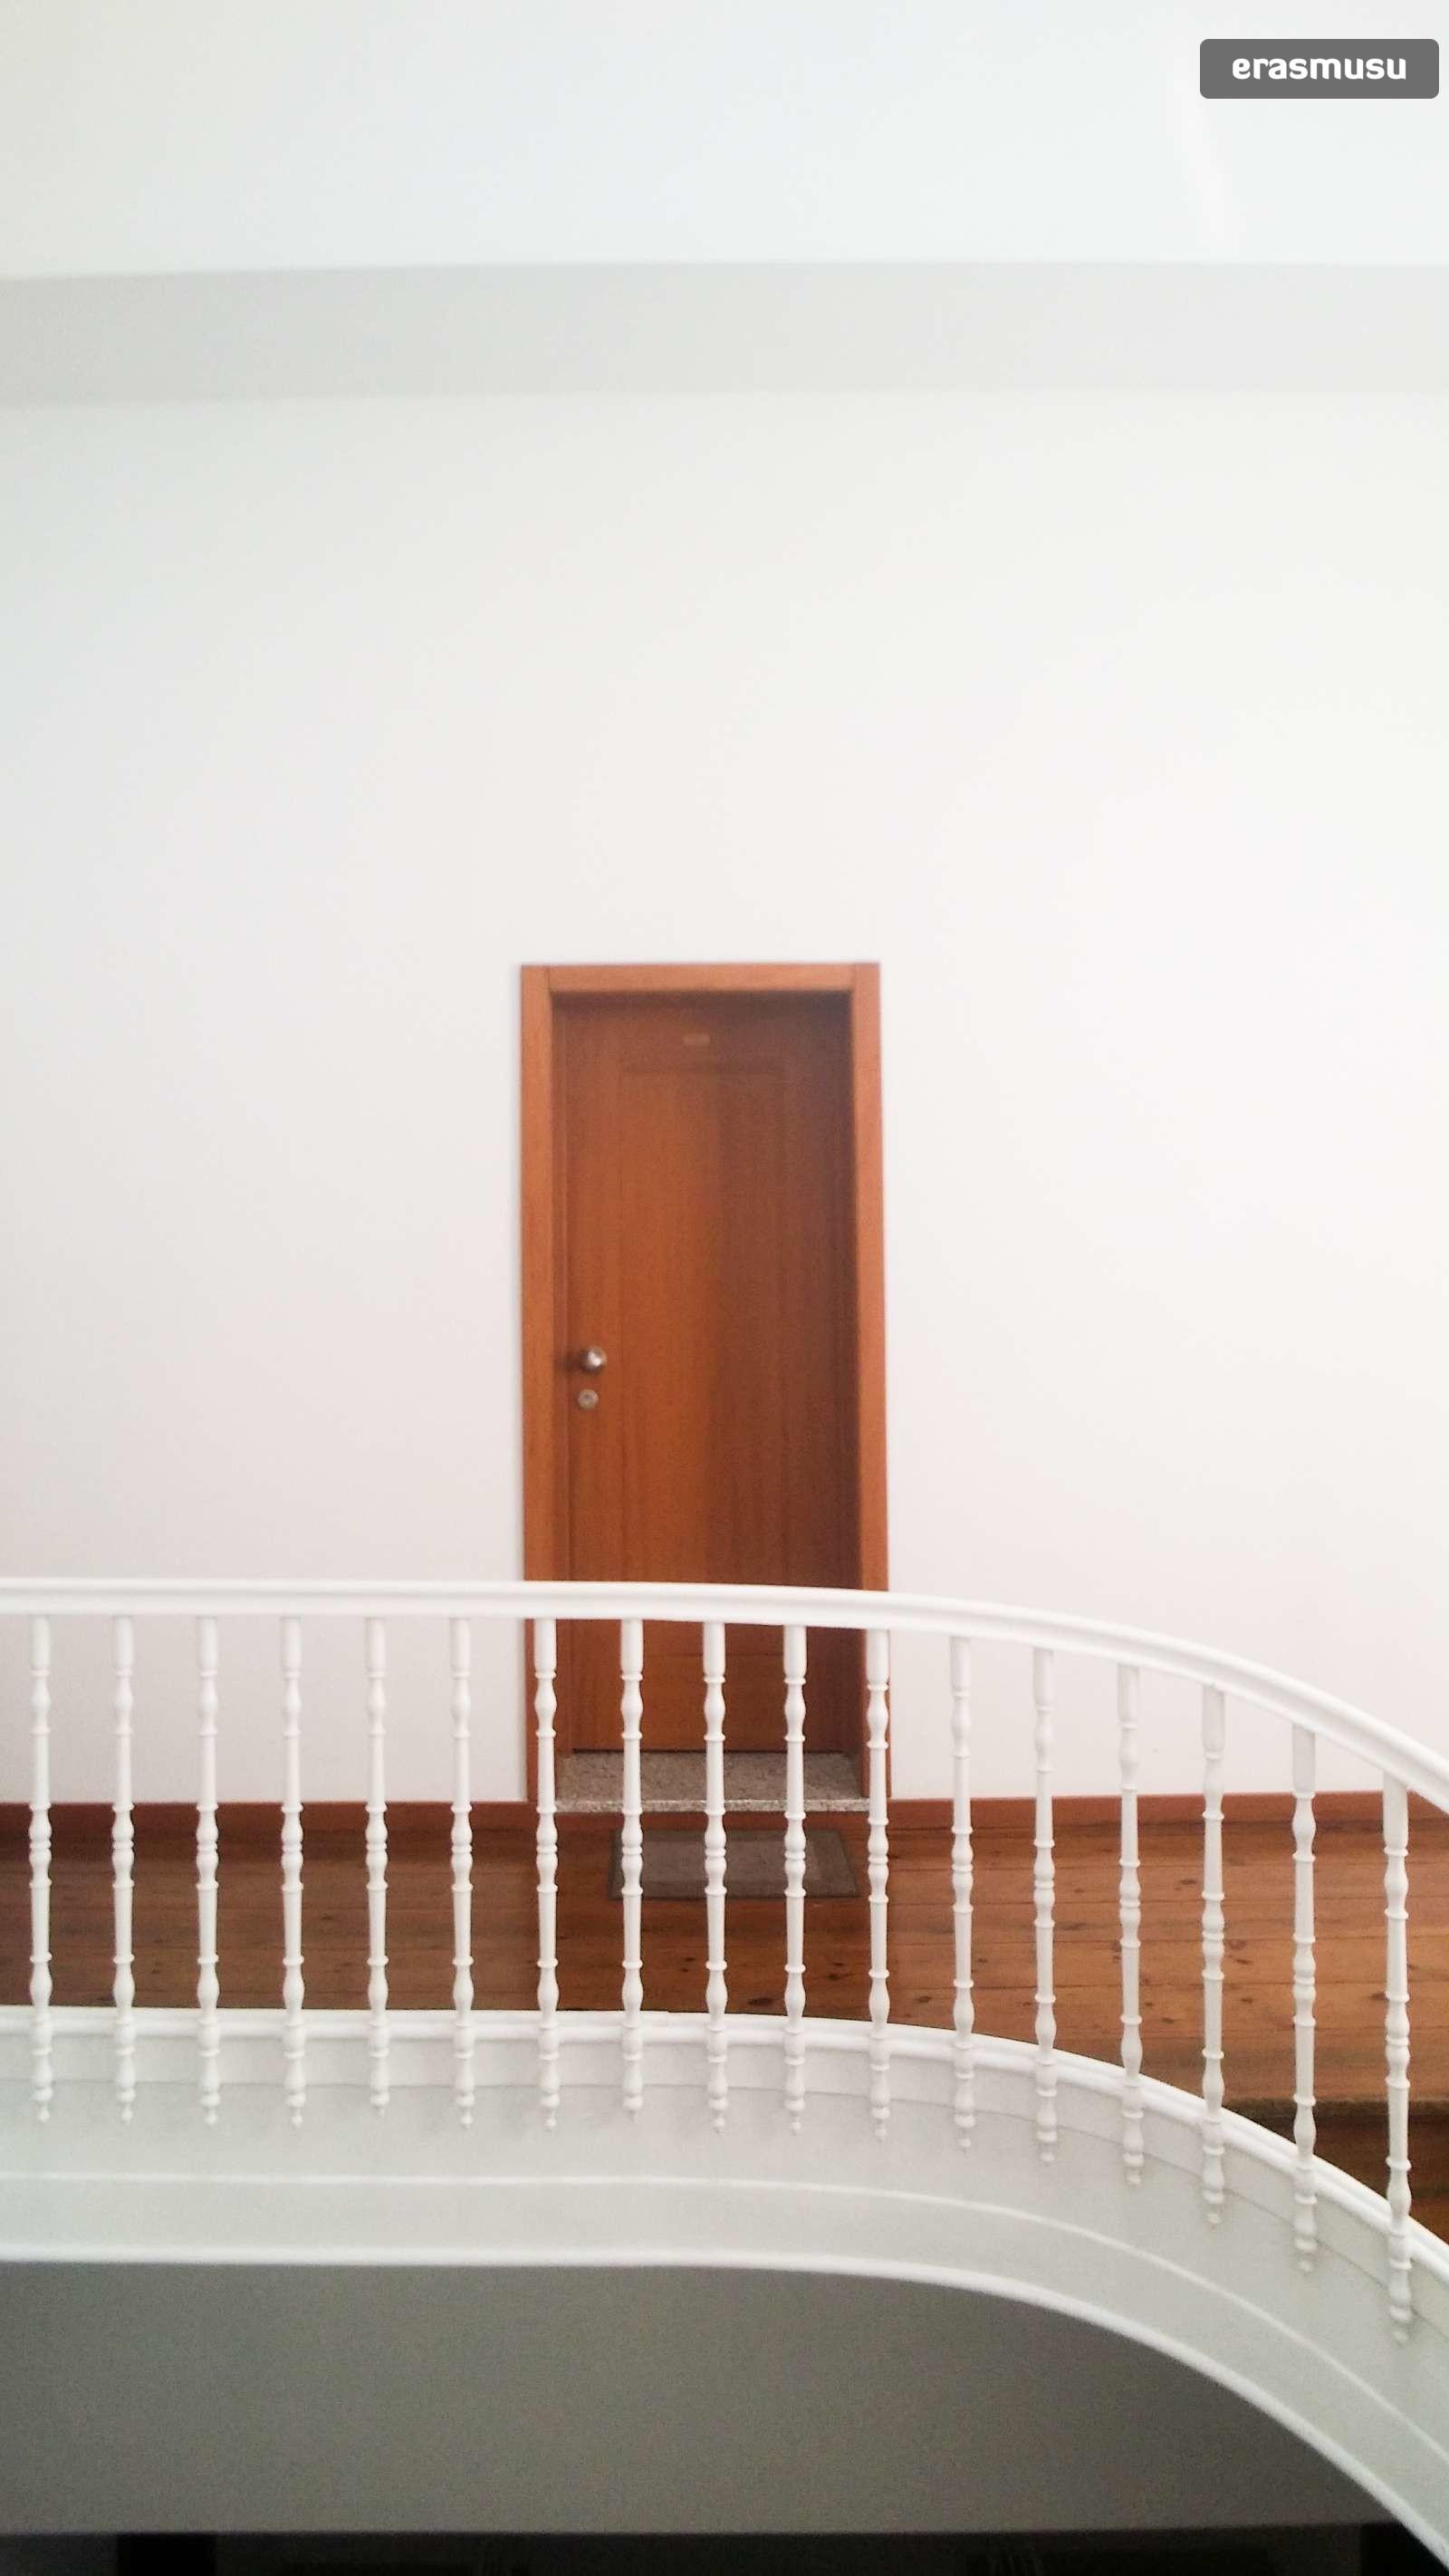 bright-studio-apartment-rent-cedofeita-62d00d823a19cef6e6e36bcad